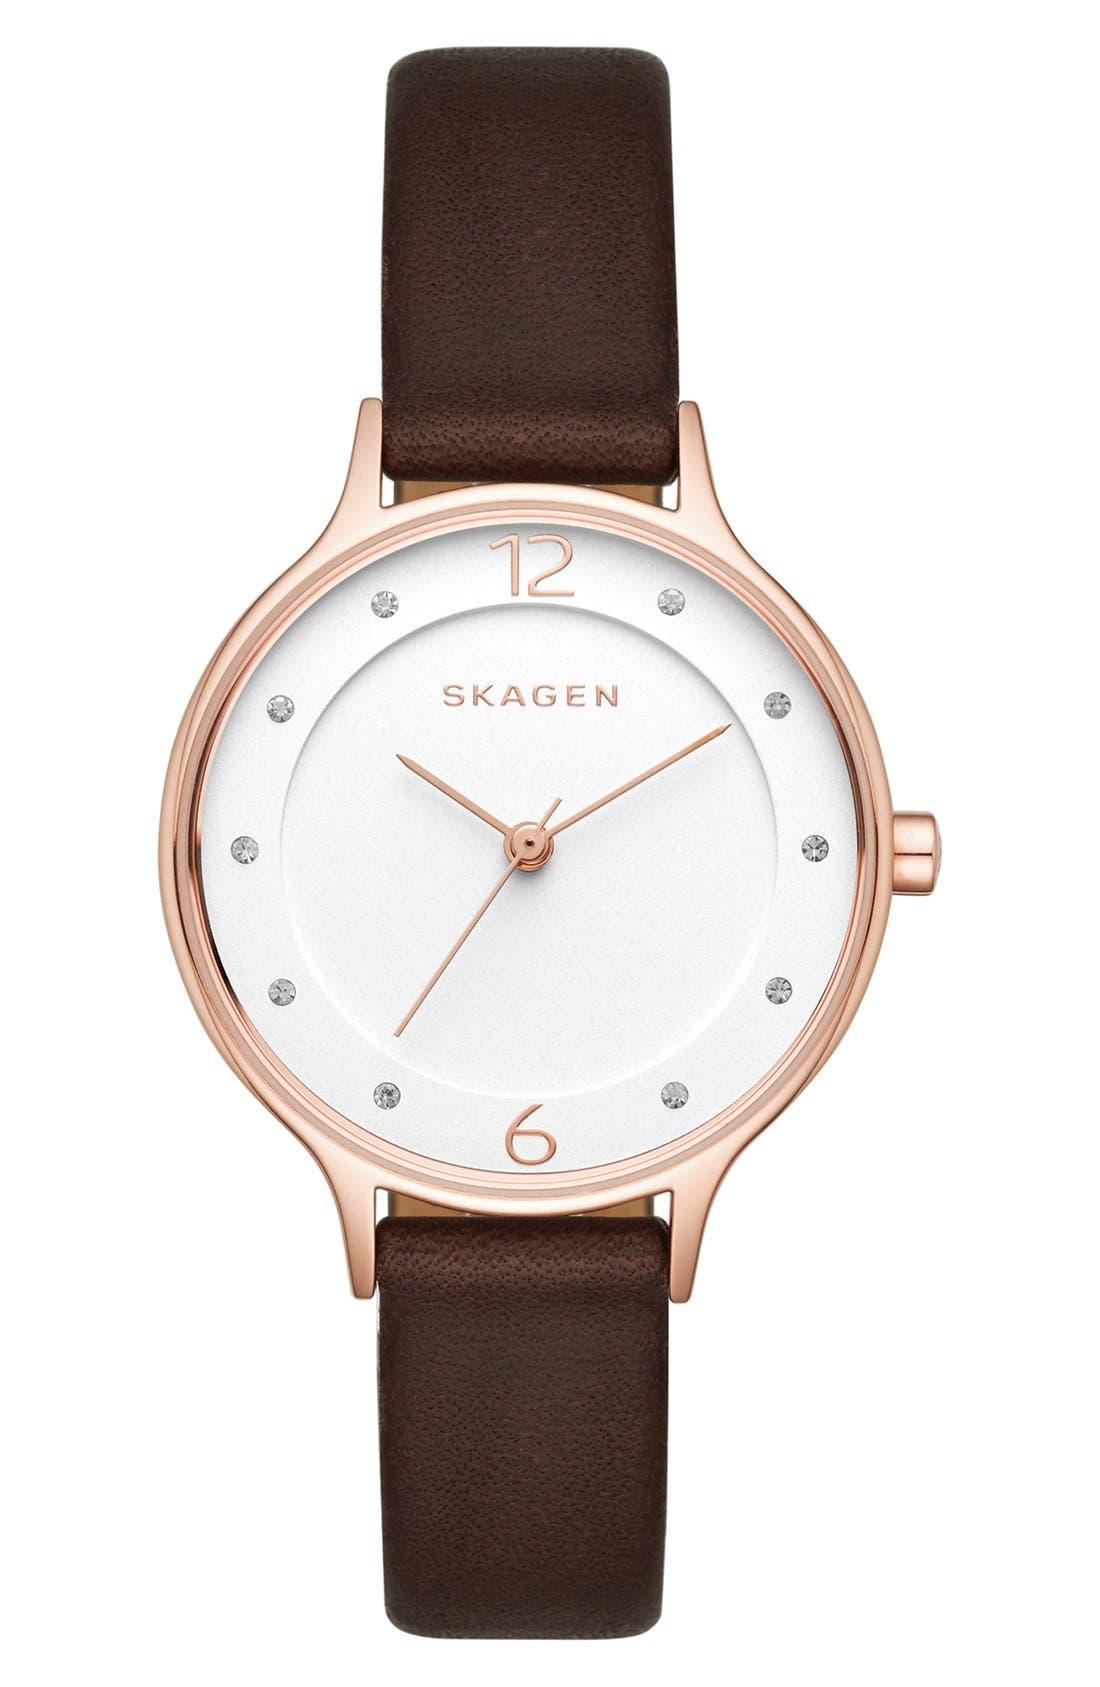 Main Image - Skagen 'Anita' Leather Strap Watch, 30mm